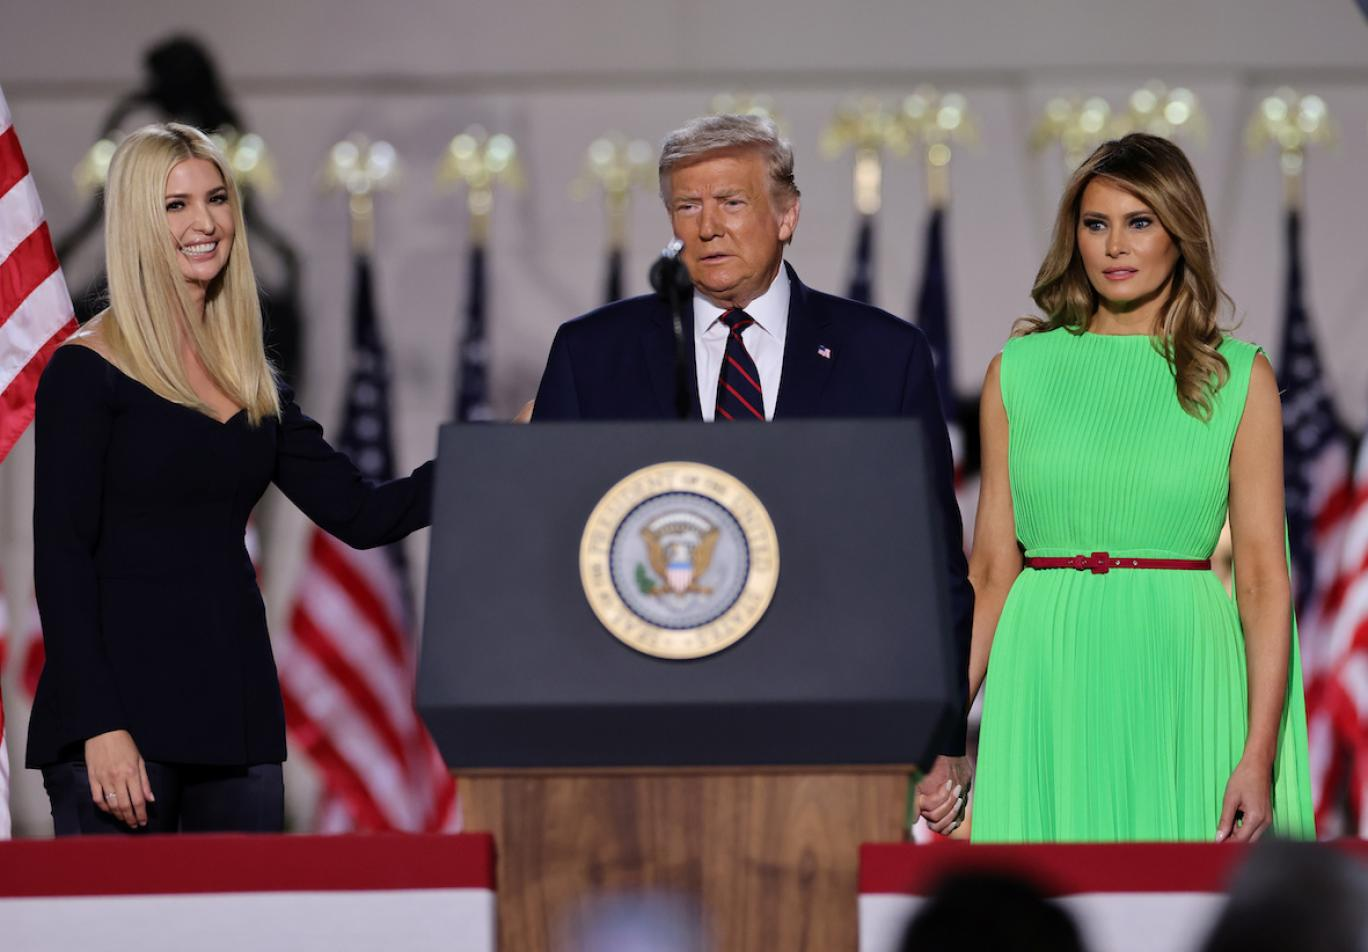 دونالد ترامپ در گردهمایی ملی جمهوریخواهان: تروریست شماره یک جهان را کشتیم | ایندیپندنت فارسی